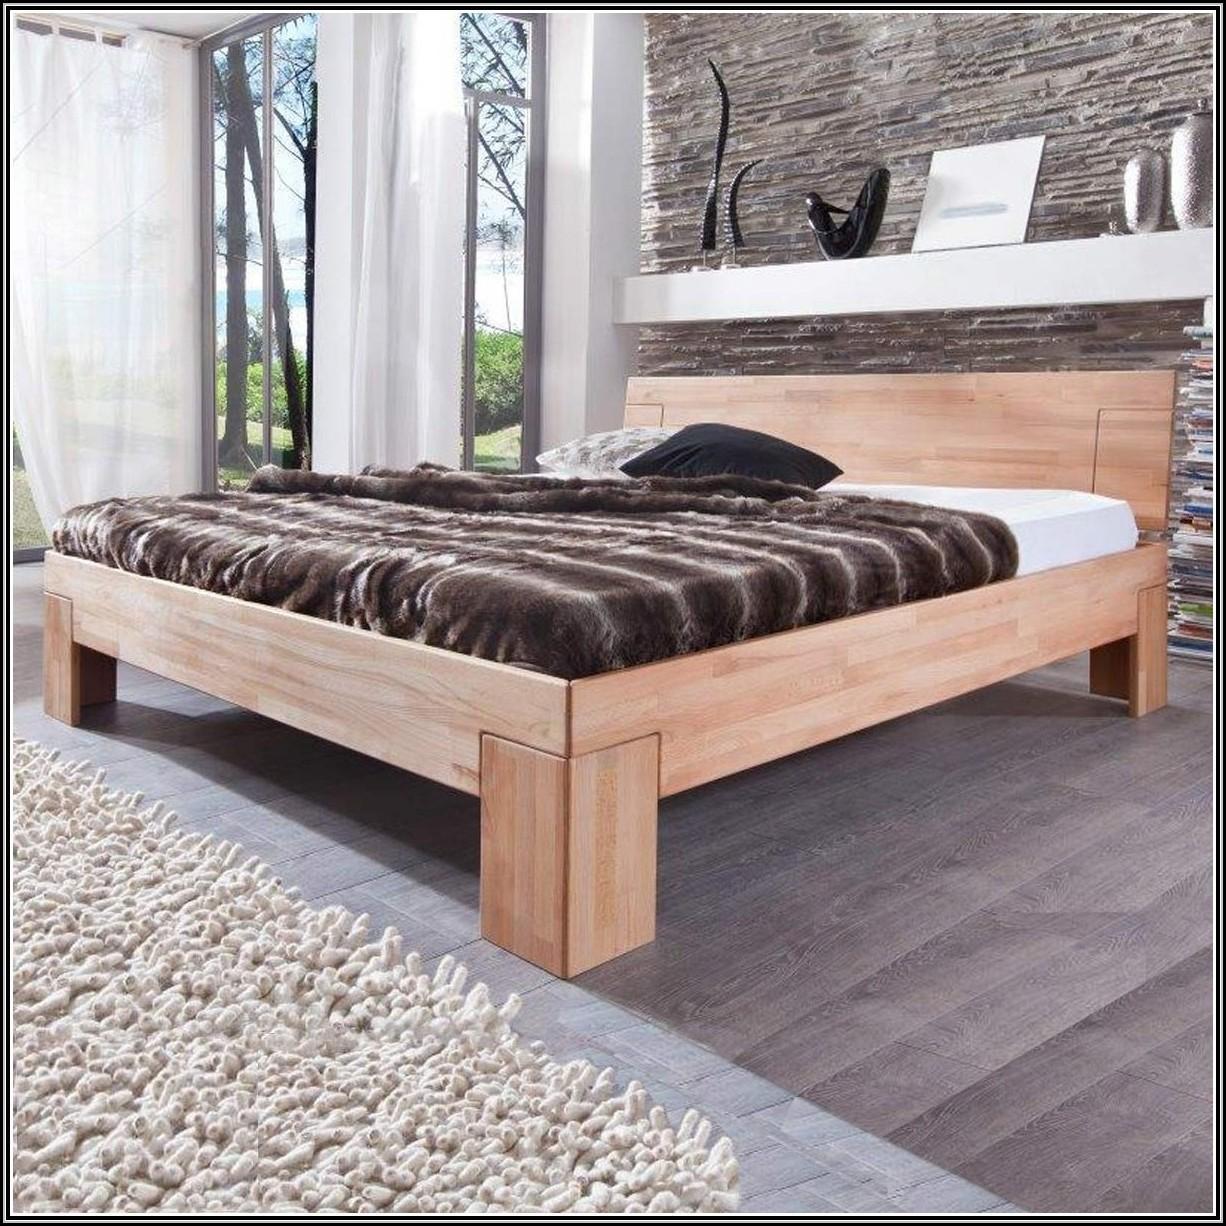 Ikea 140 Bett : ikea bett 140 cm breit betten house und dekor galerie gekgxbdwxo ~ A.2002-acura-tl-radio.info Haus und Dekorationen